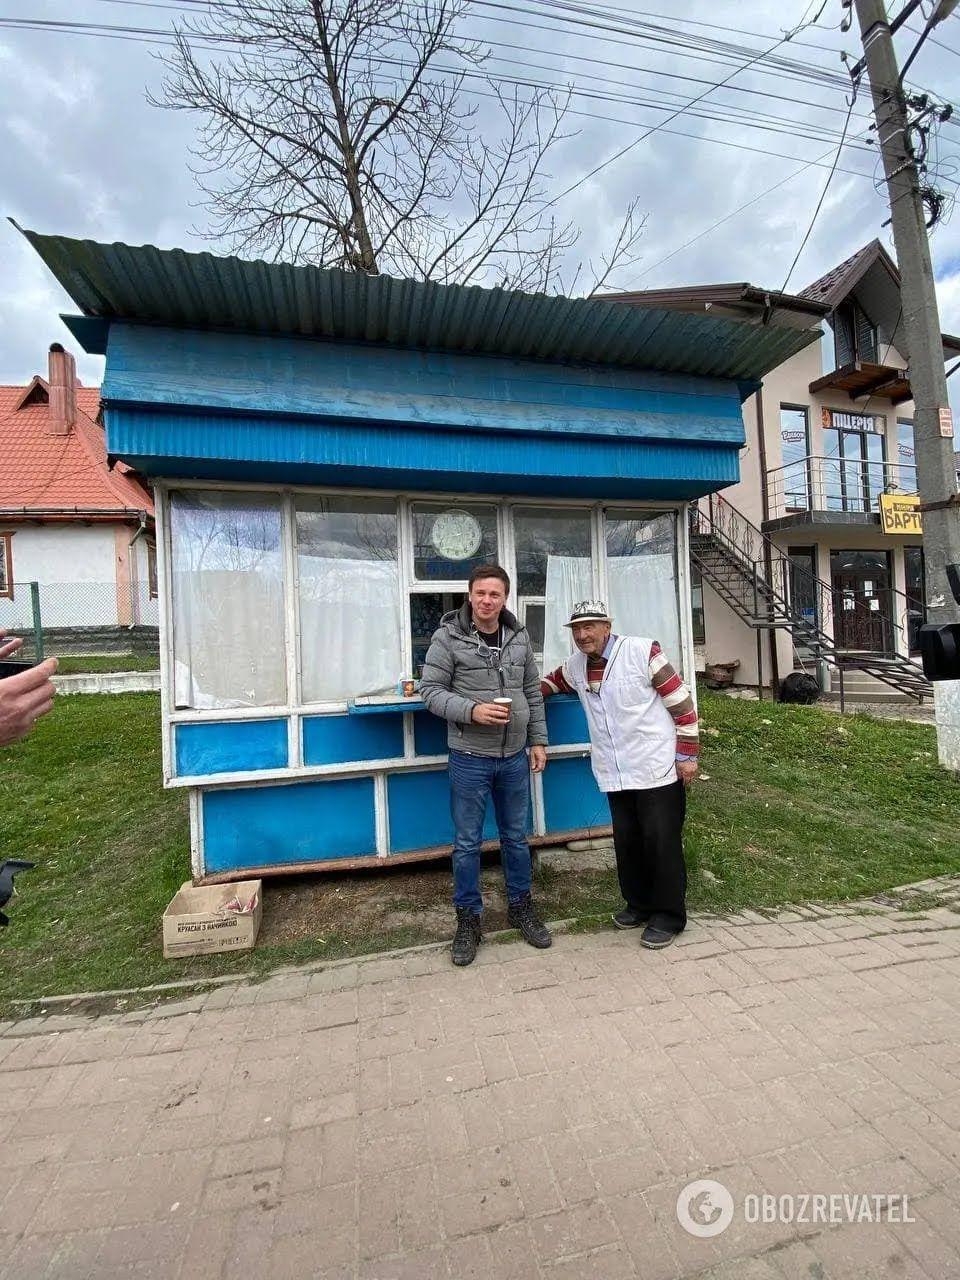 Іван Васильович продає ситро вже третьому поколінню місцевих жителів.